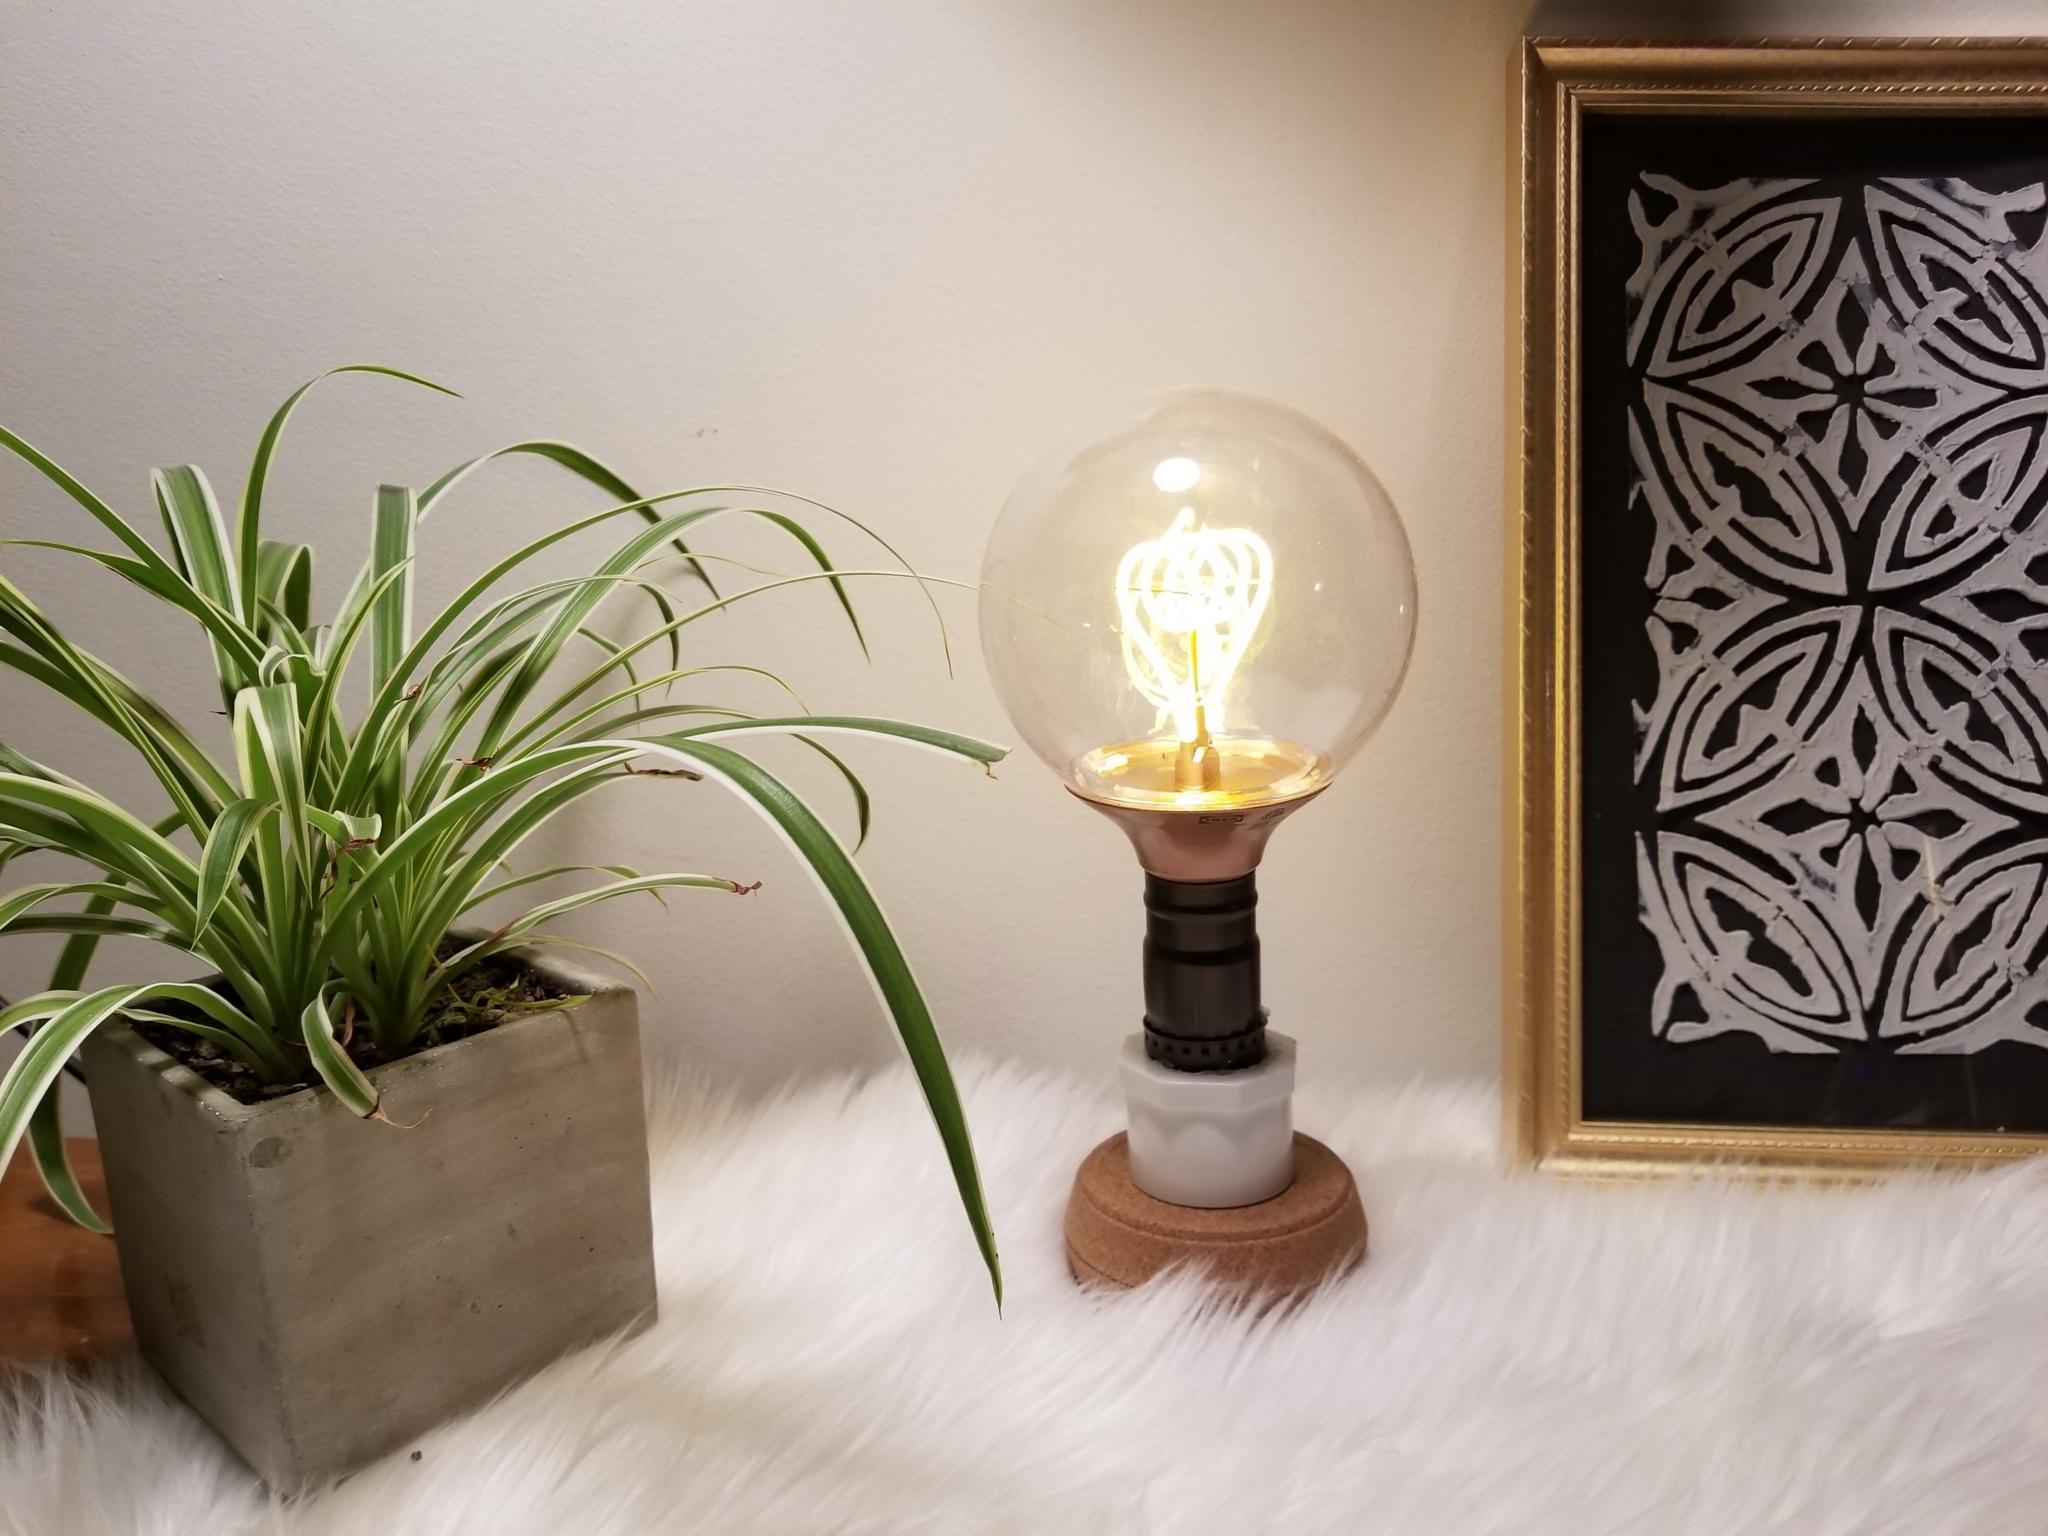 Studio Artisane: Modern Desk Light